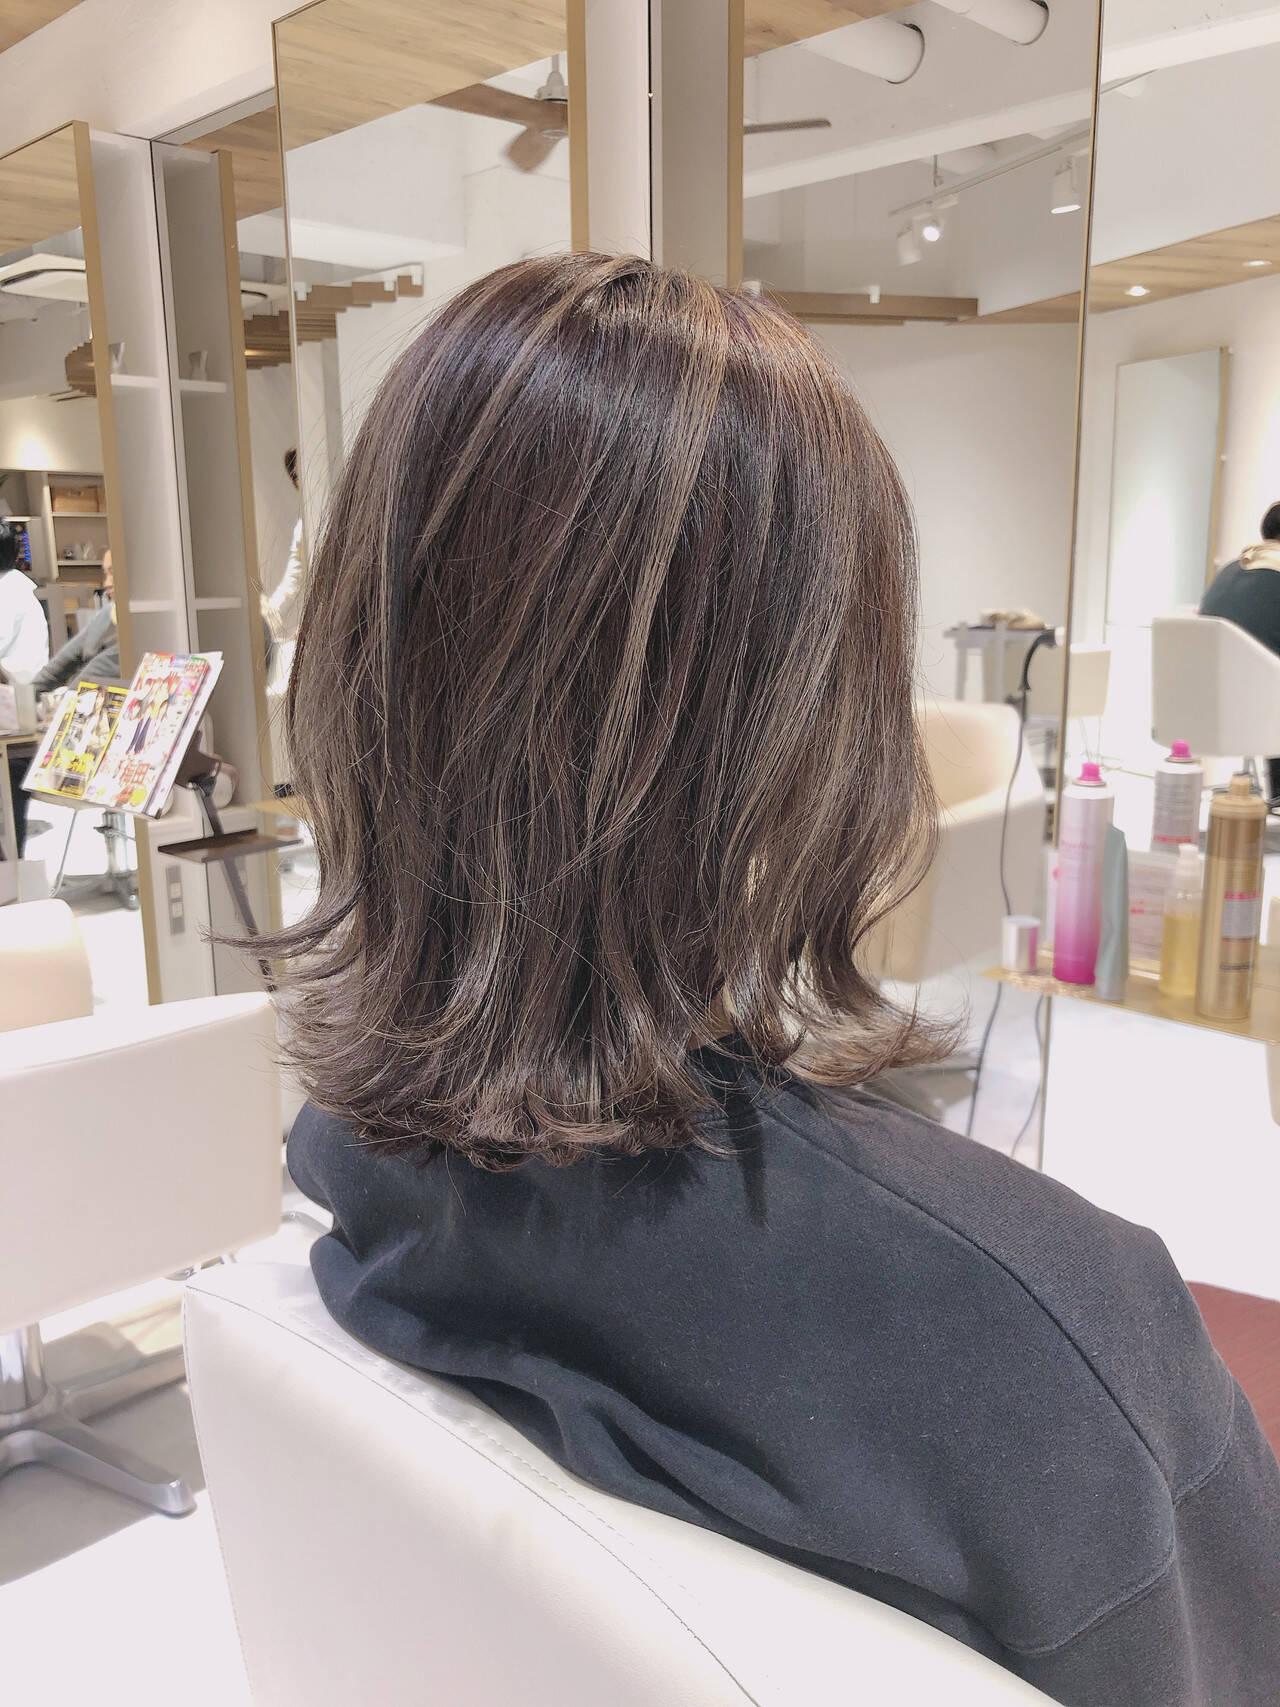 グラデーションカラー セミロング 3Dカラー バレイヤージュヘアスタイルや髪型の写真・画像